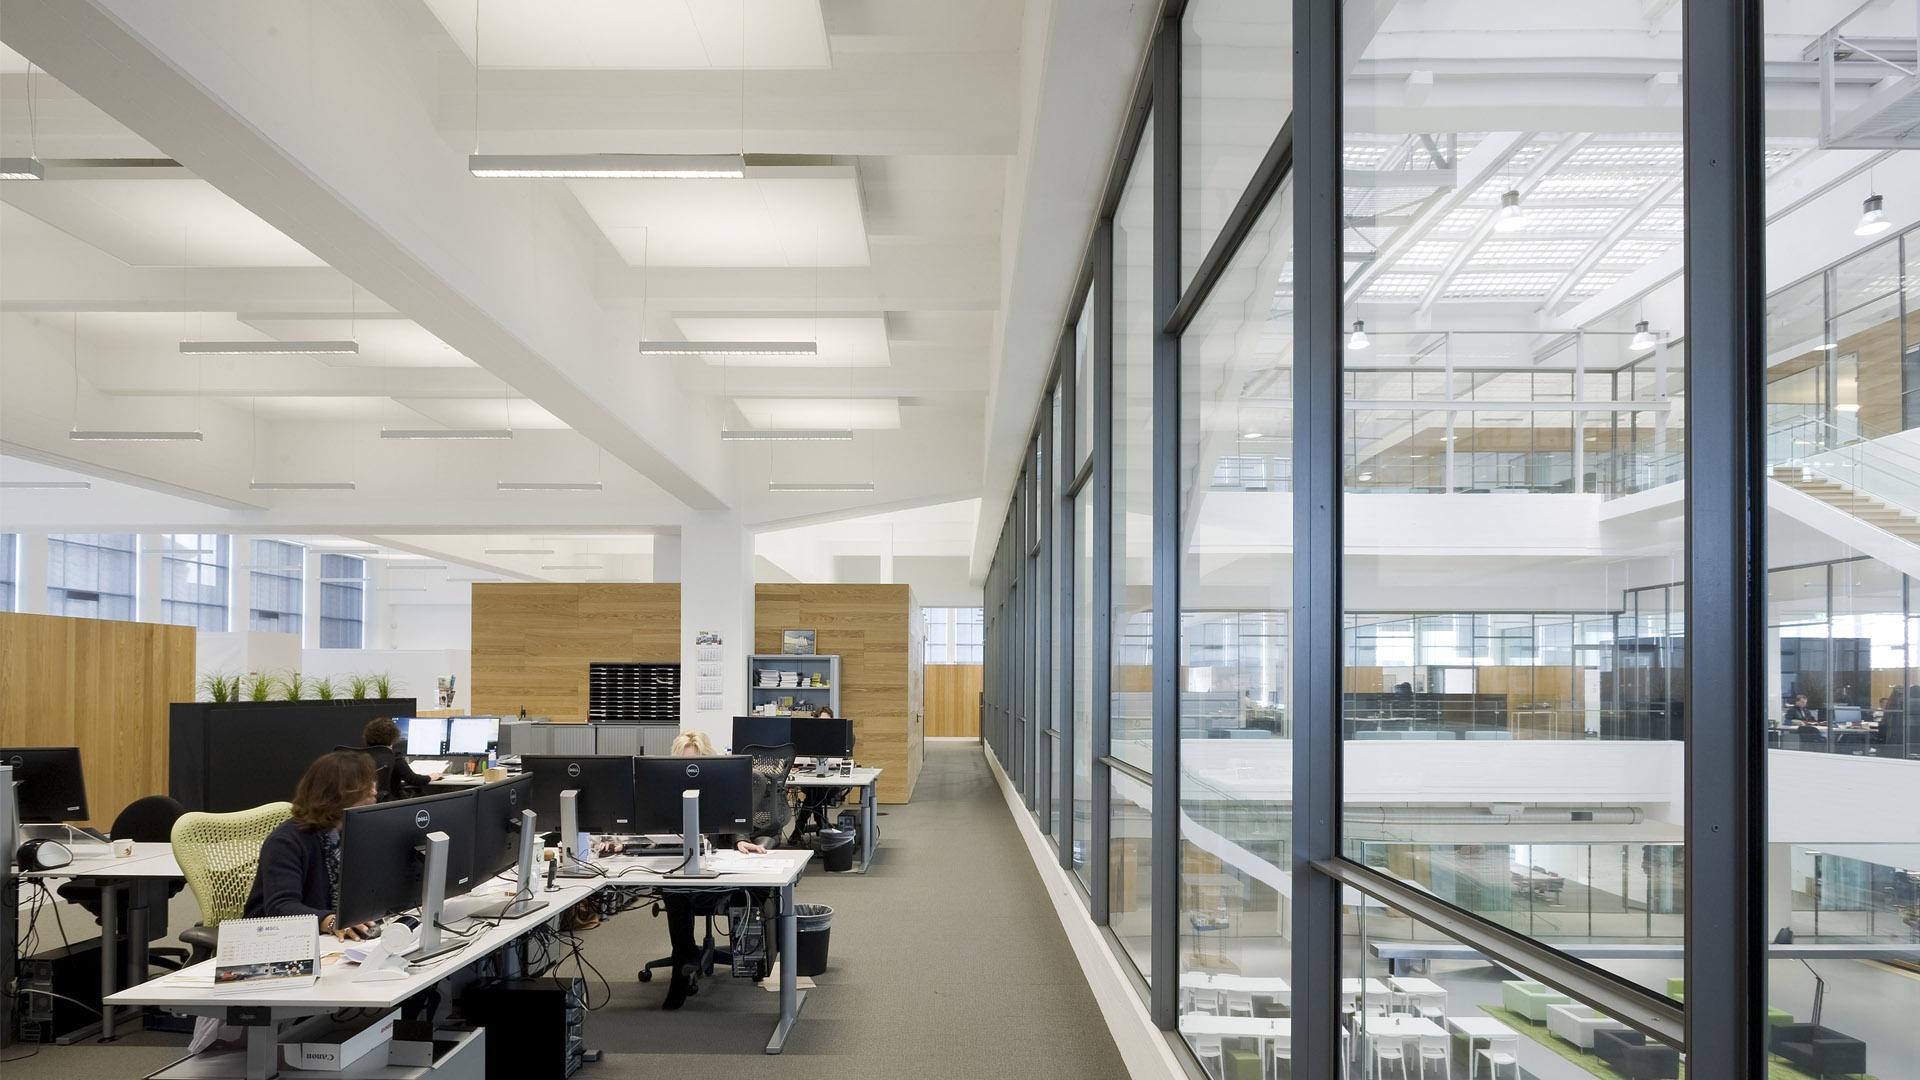 Steel glazed indoor windows in the office